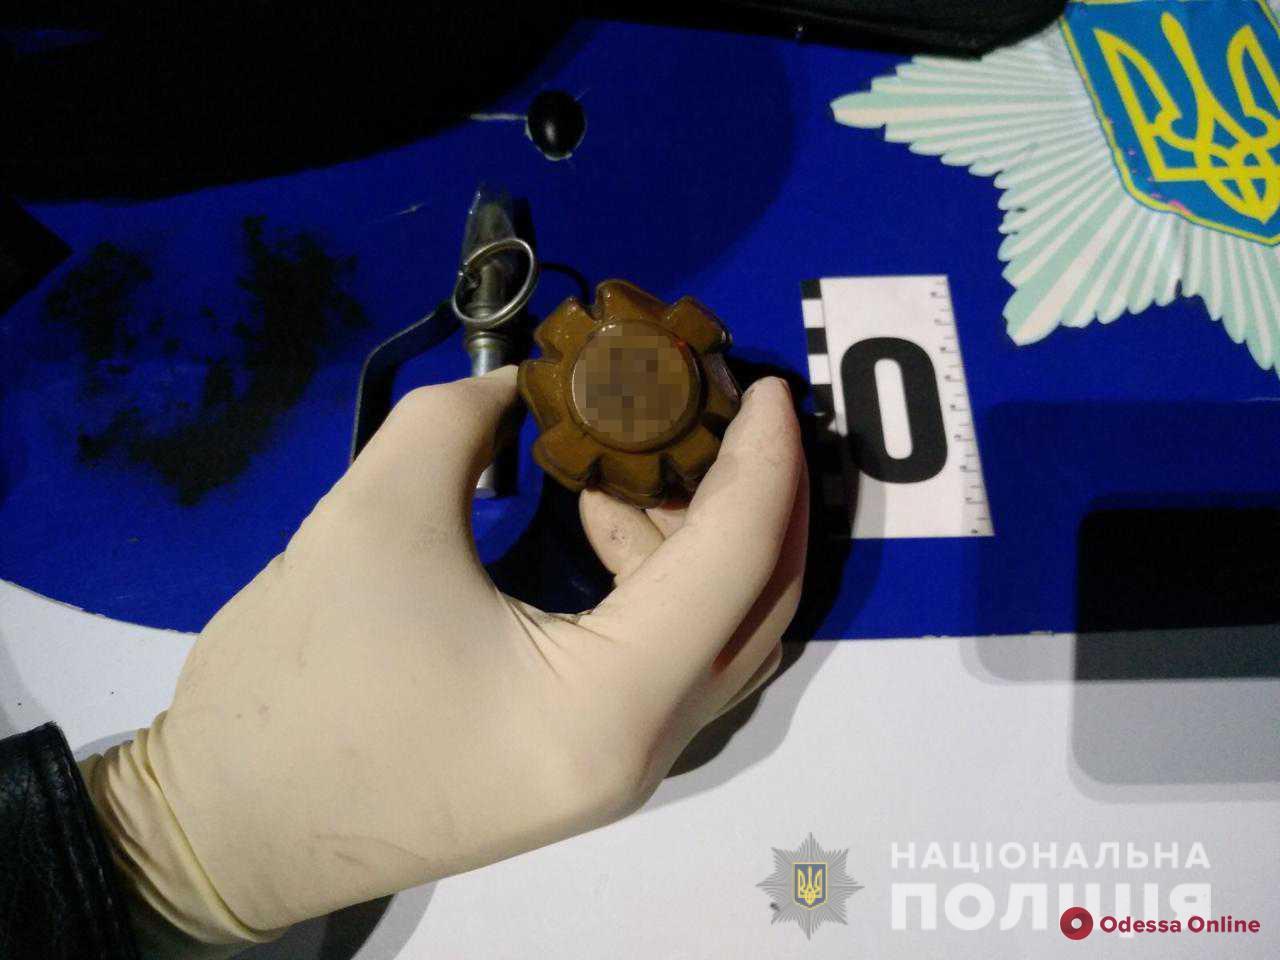 Пьяный житель Одесской области разгуливал по заправке с боевой гранатой